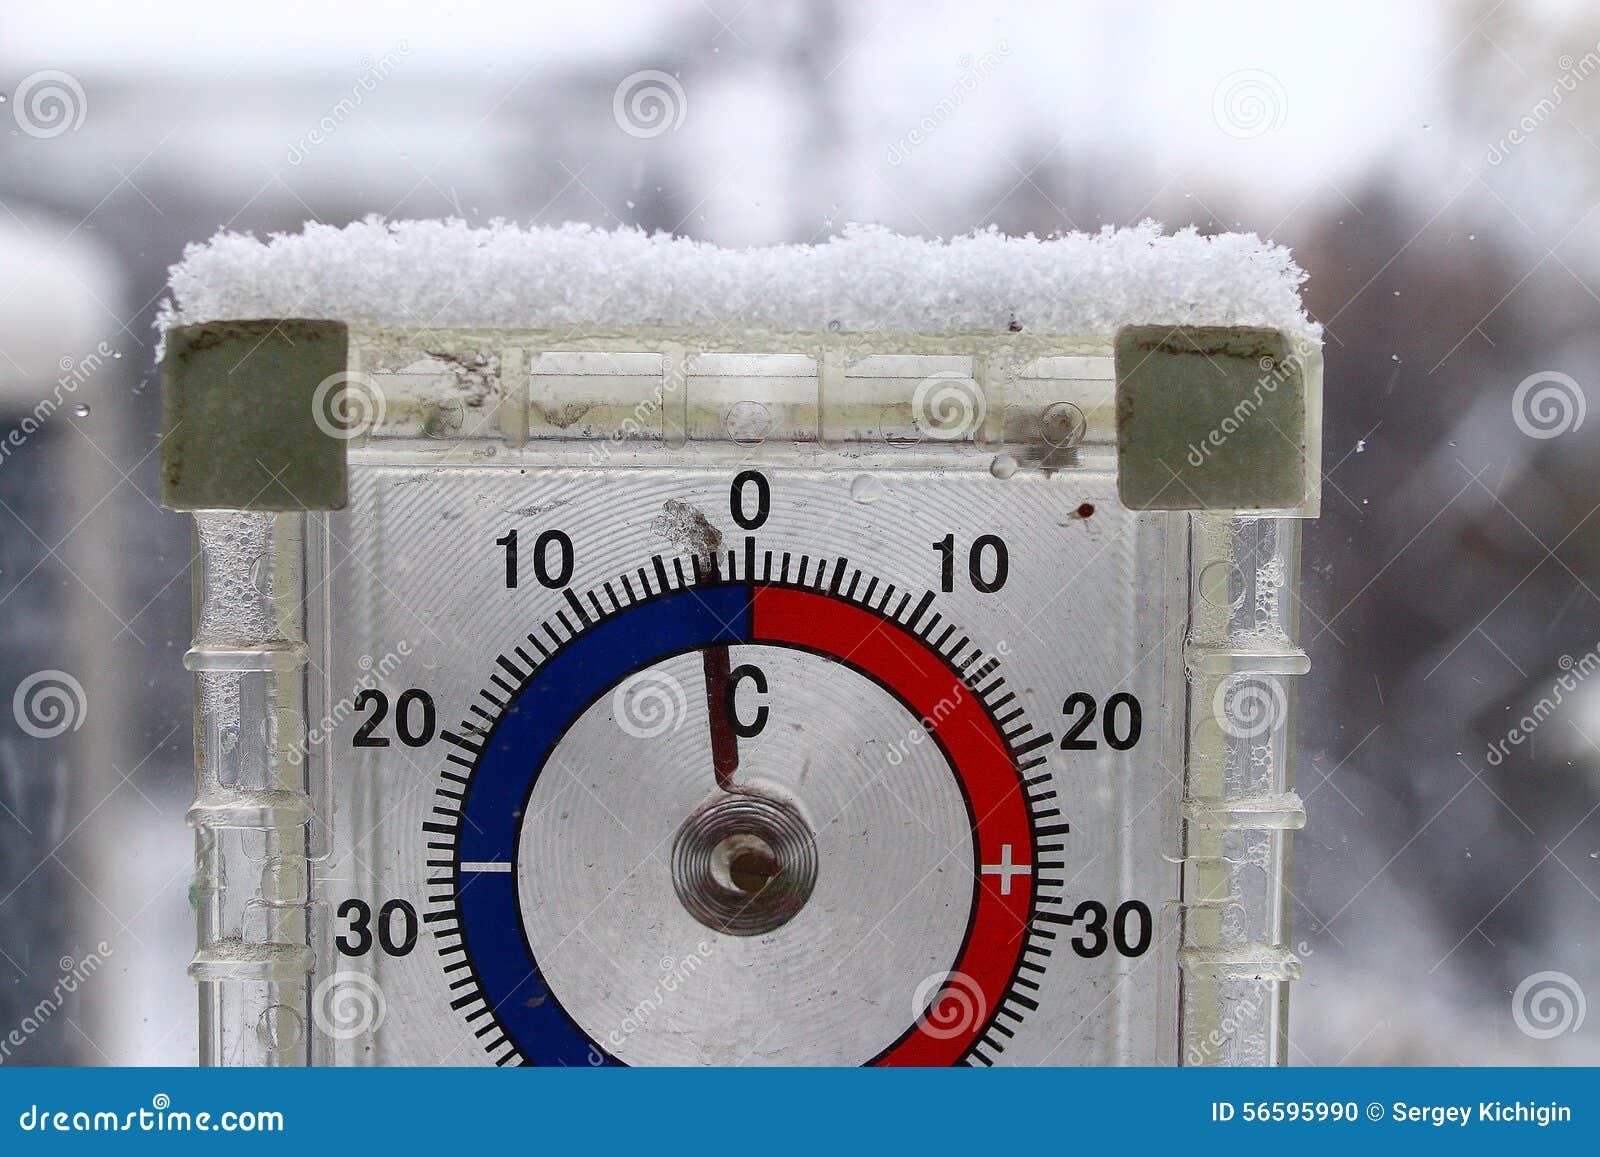 Bildresultat för termometer utomhus i snö